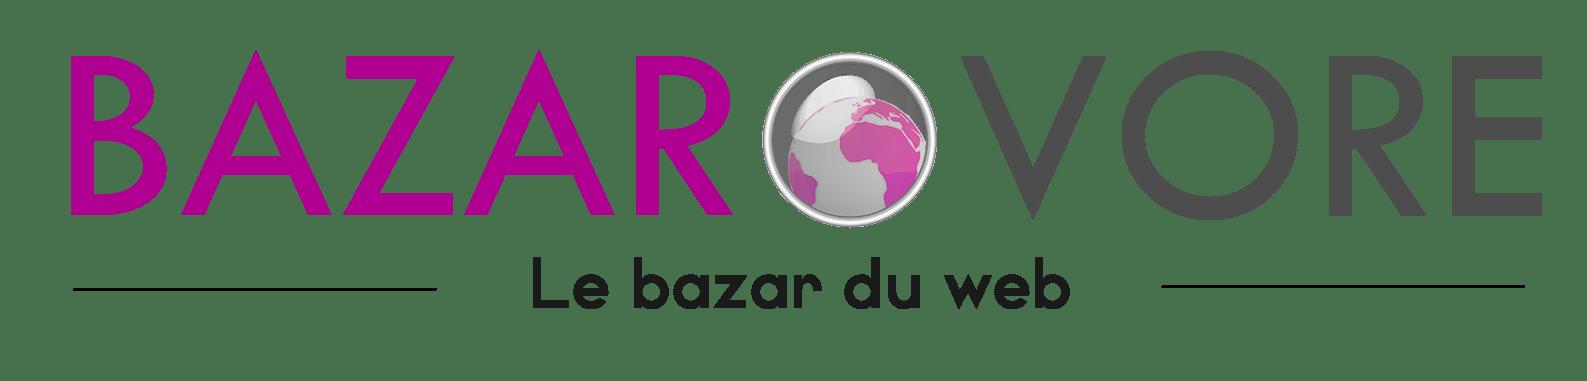 Bazarovore